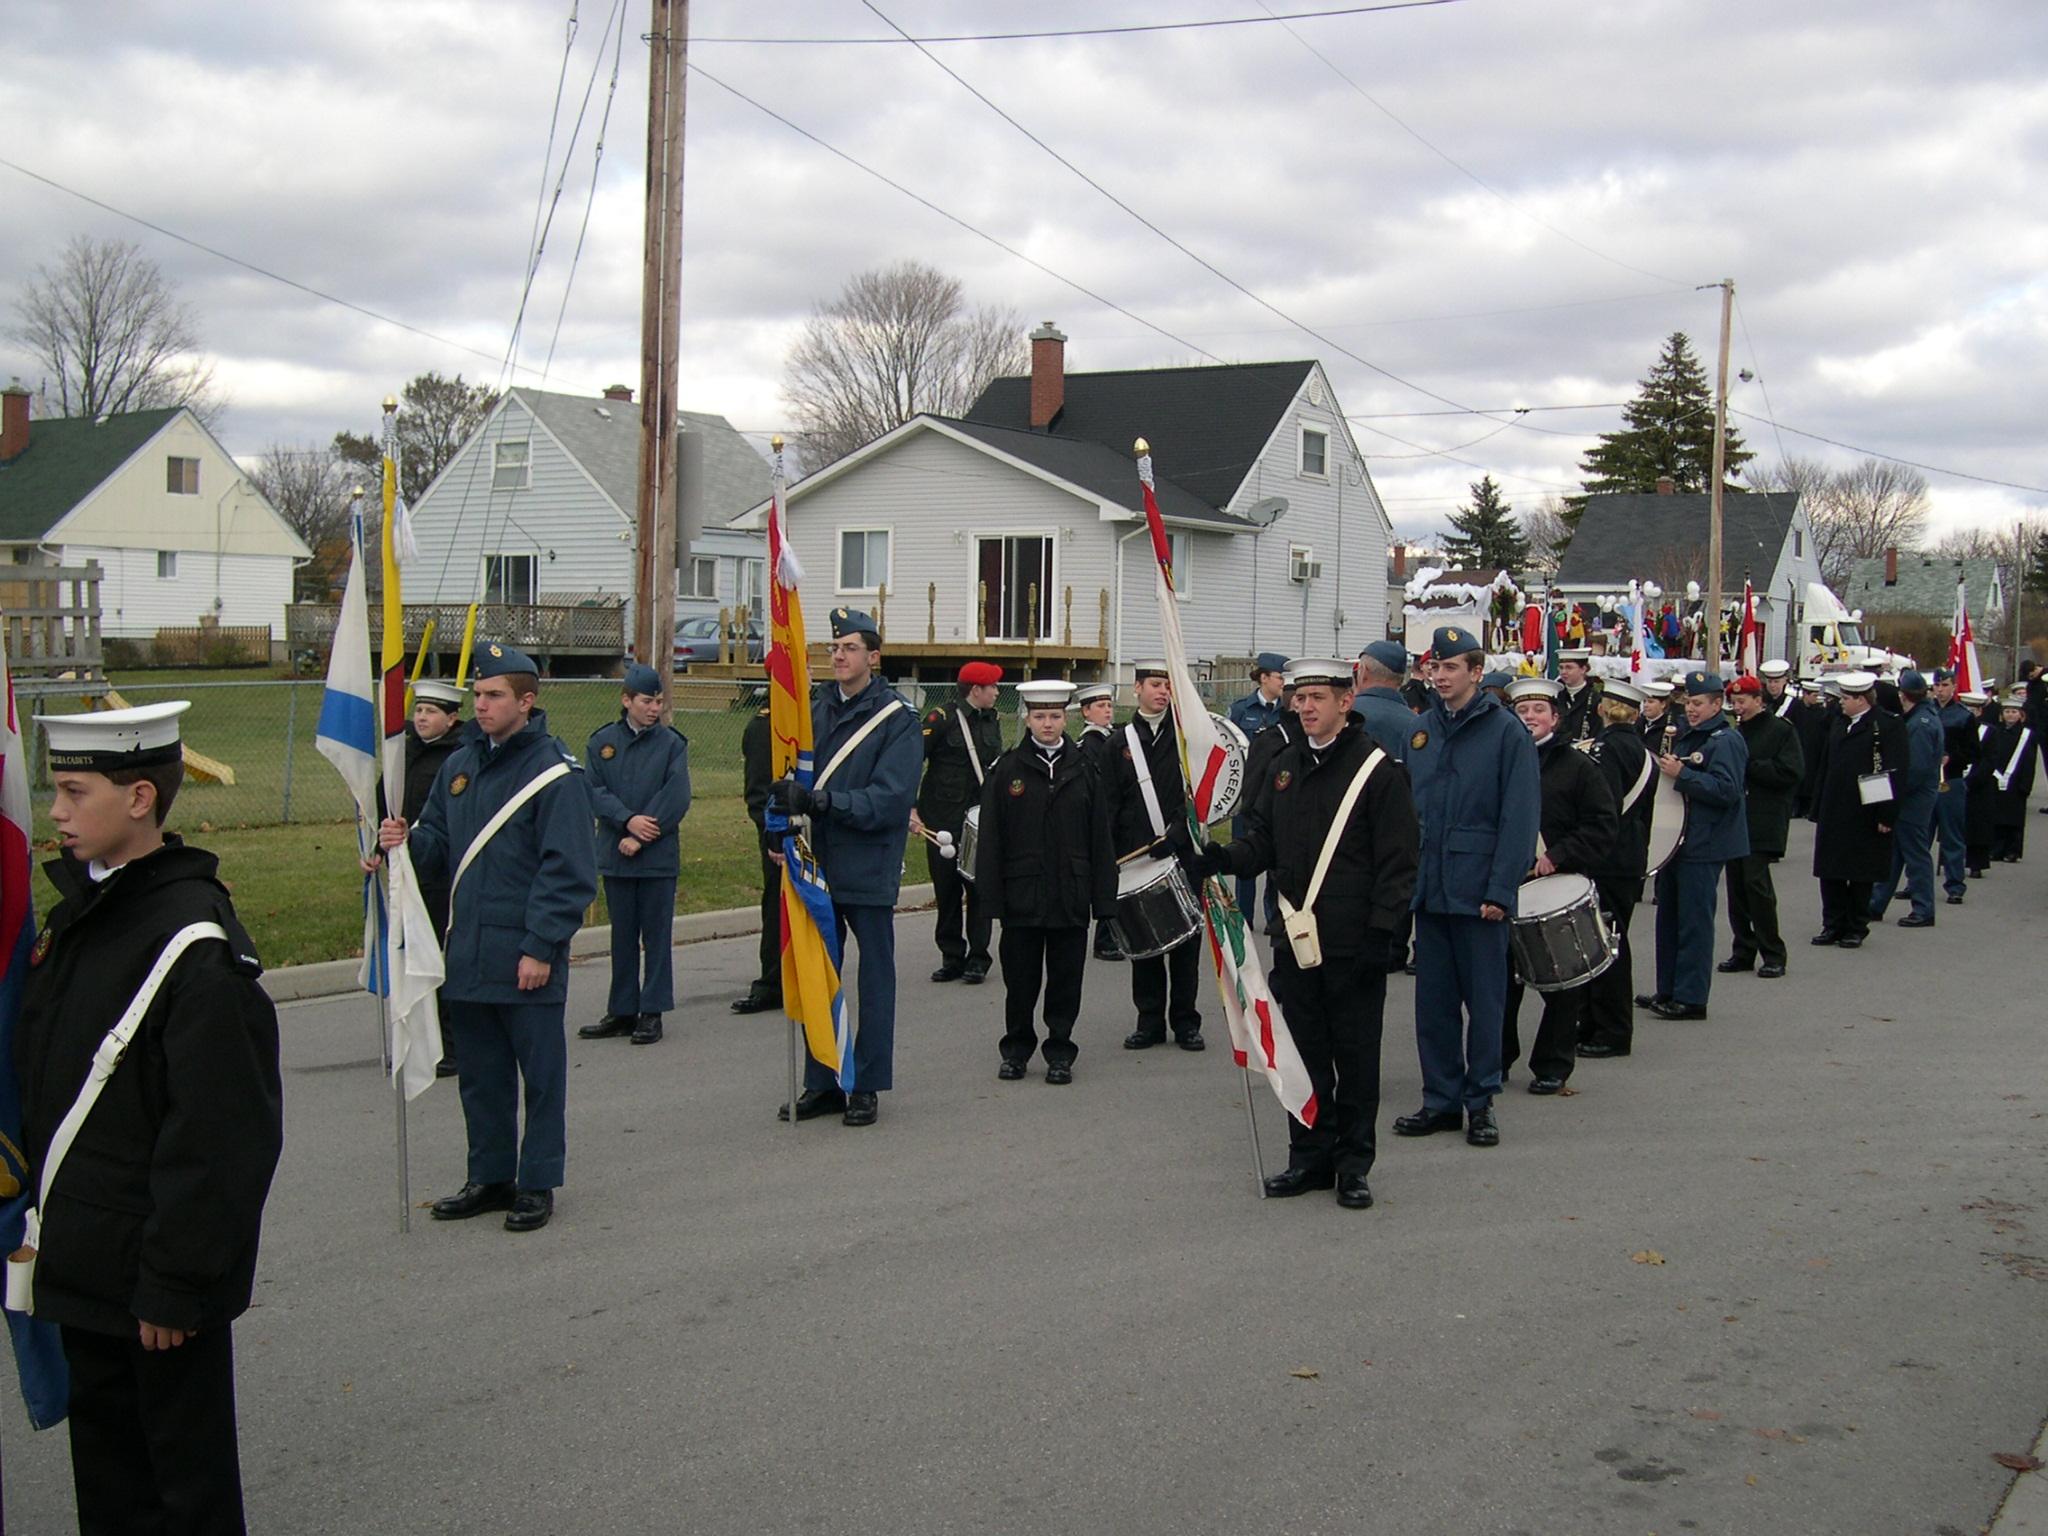 04-11-21 Cobourg Santa Claus Parade, Photo 03